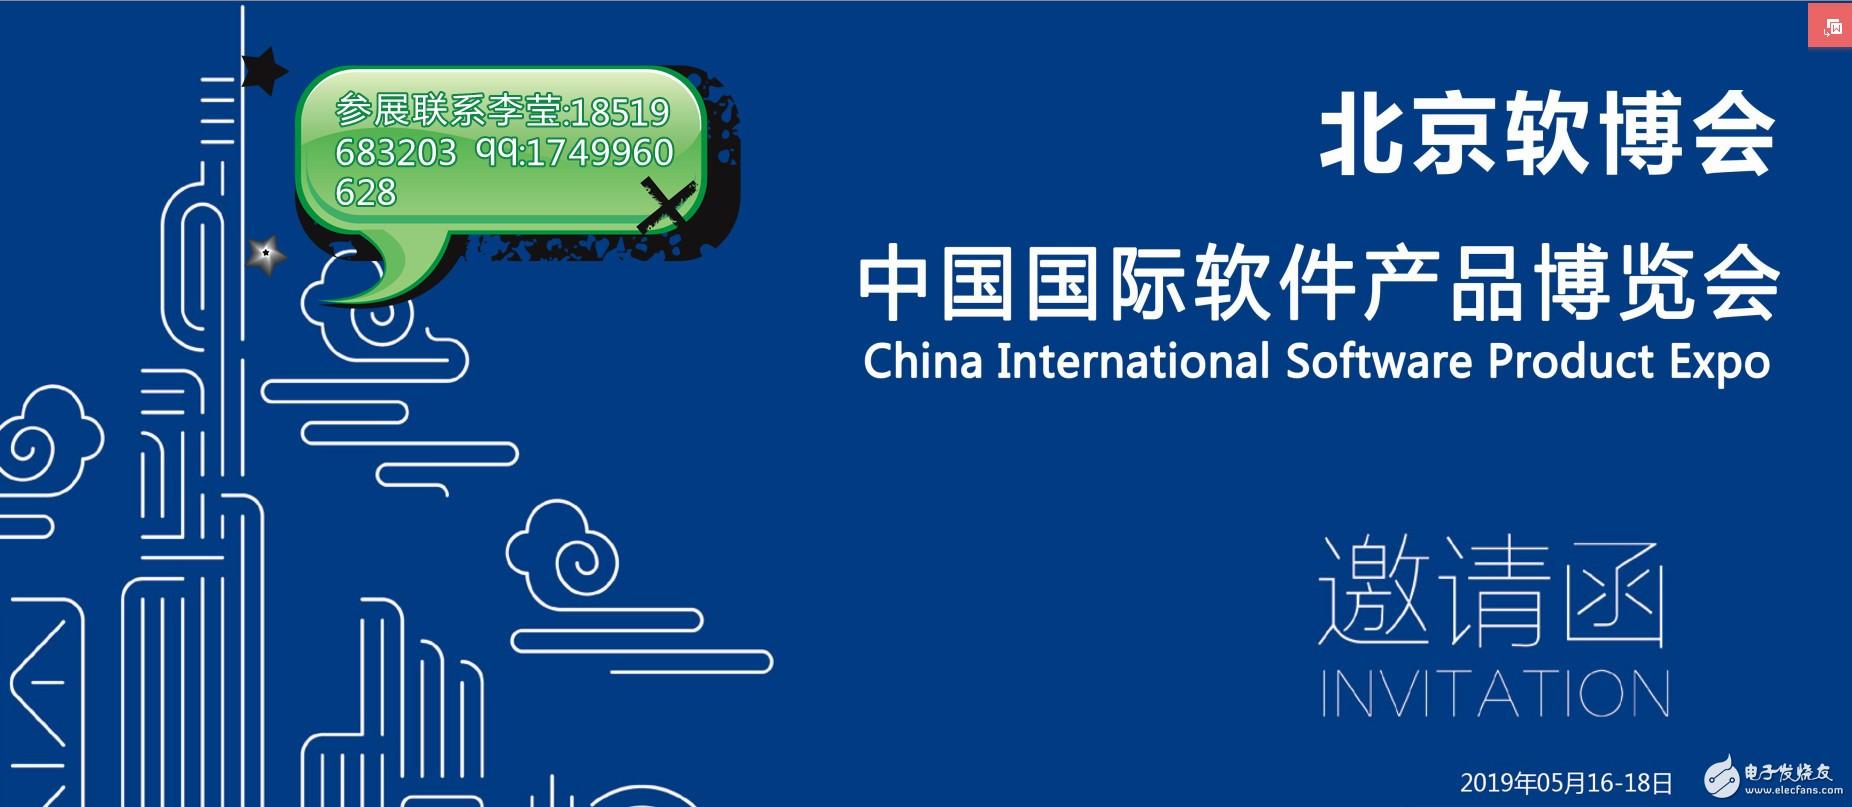 2019年北京软博会软件行业技术产品展览会